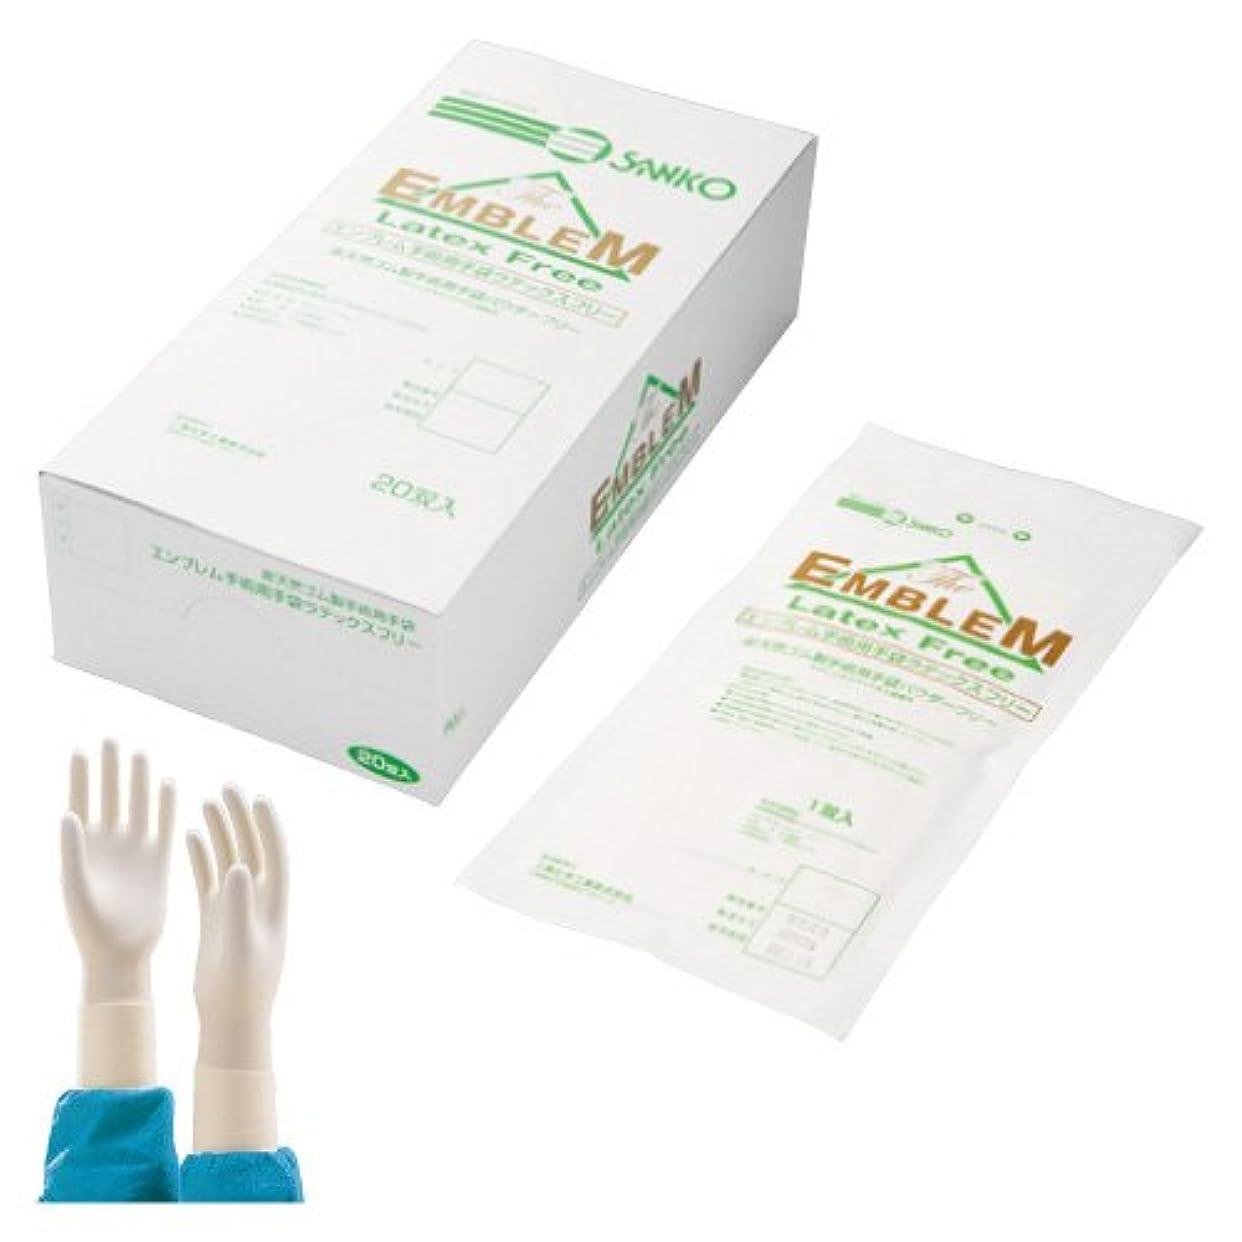 気になるシルクラフトエンブレム手術用手袋 6 <1箱(20双入)>